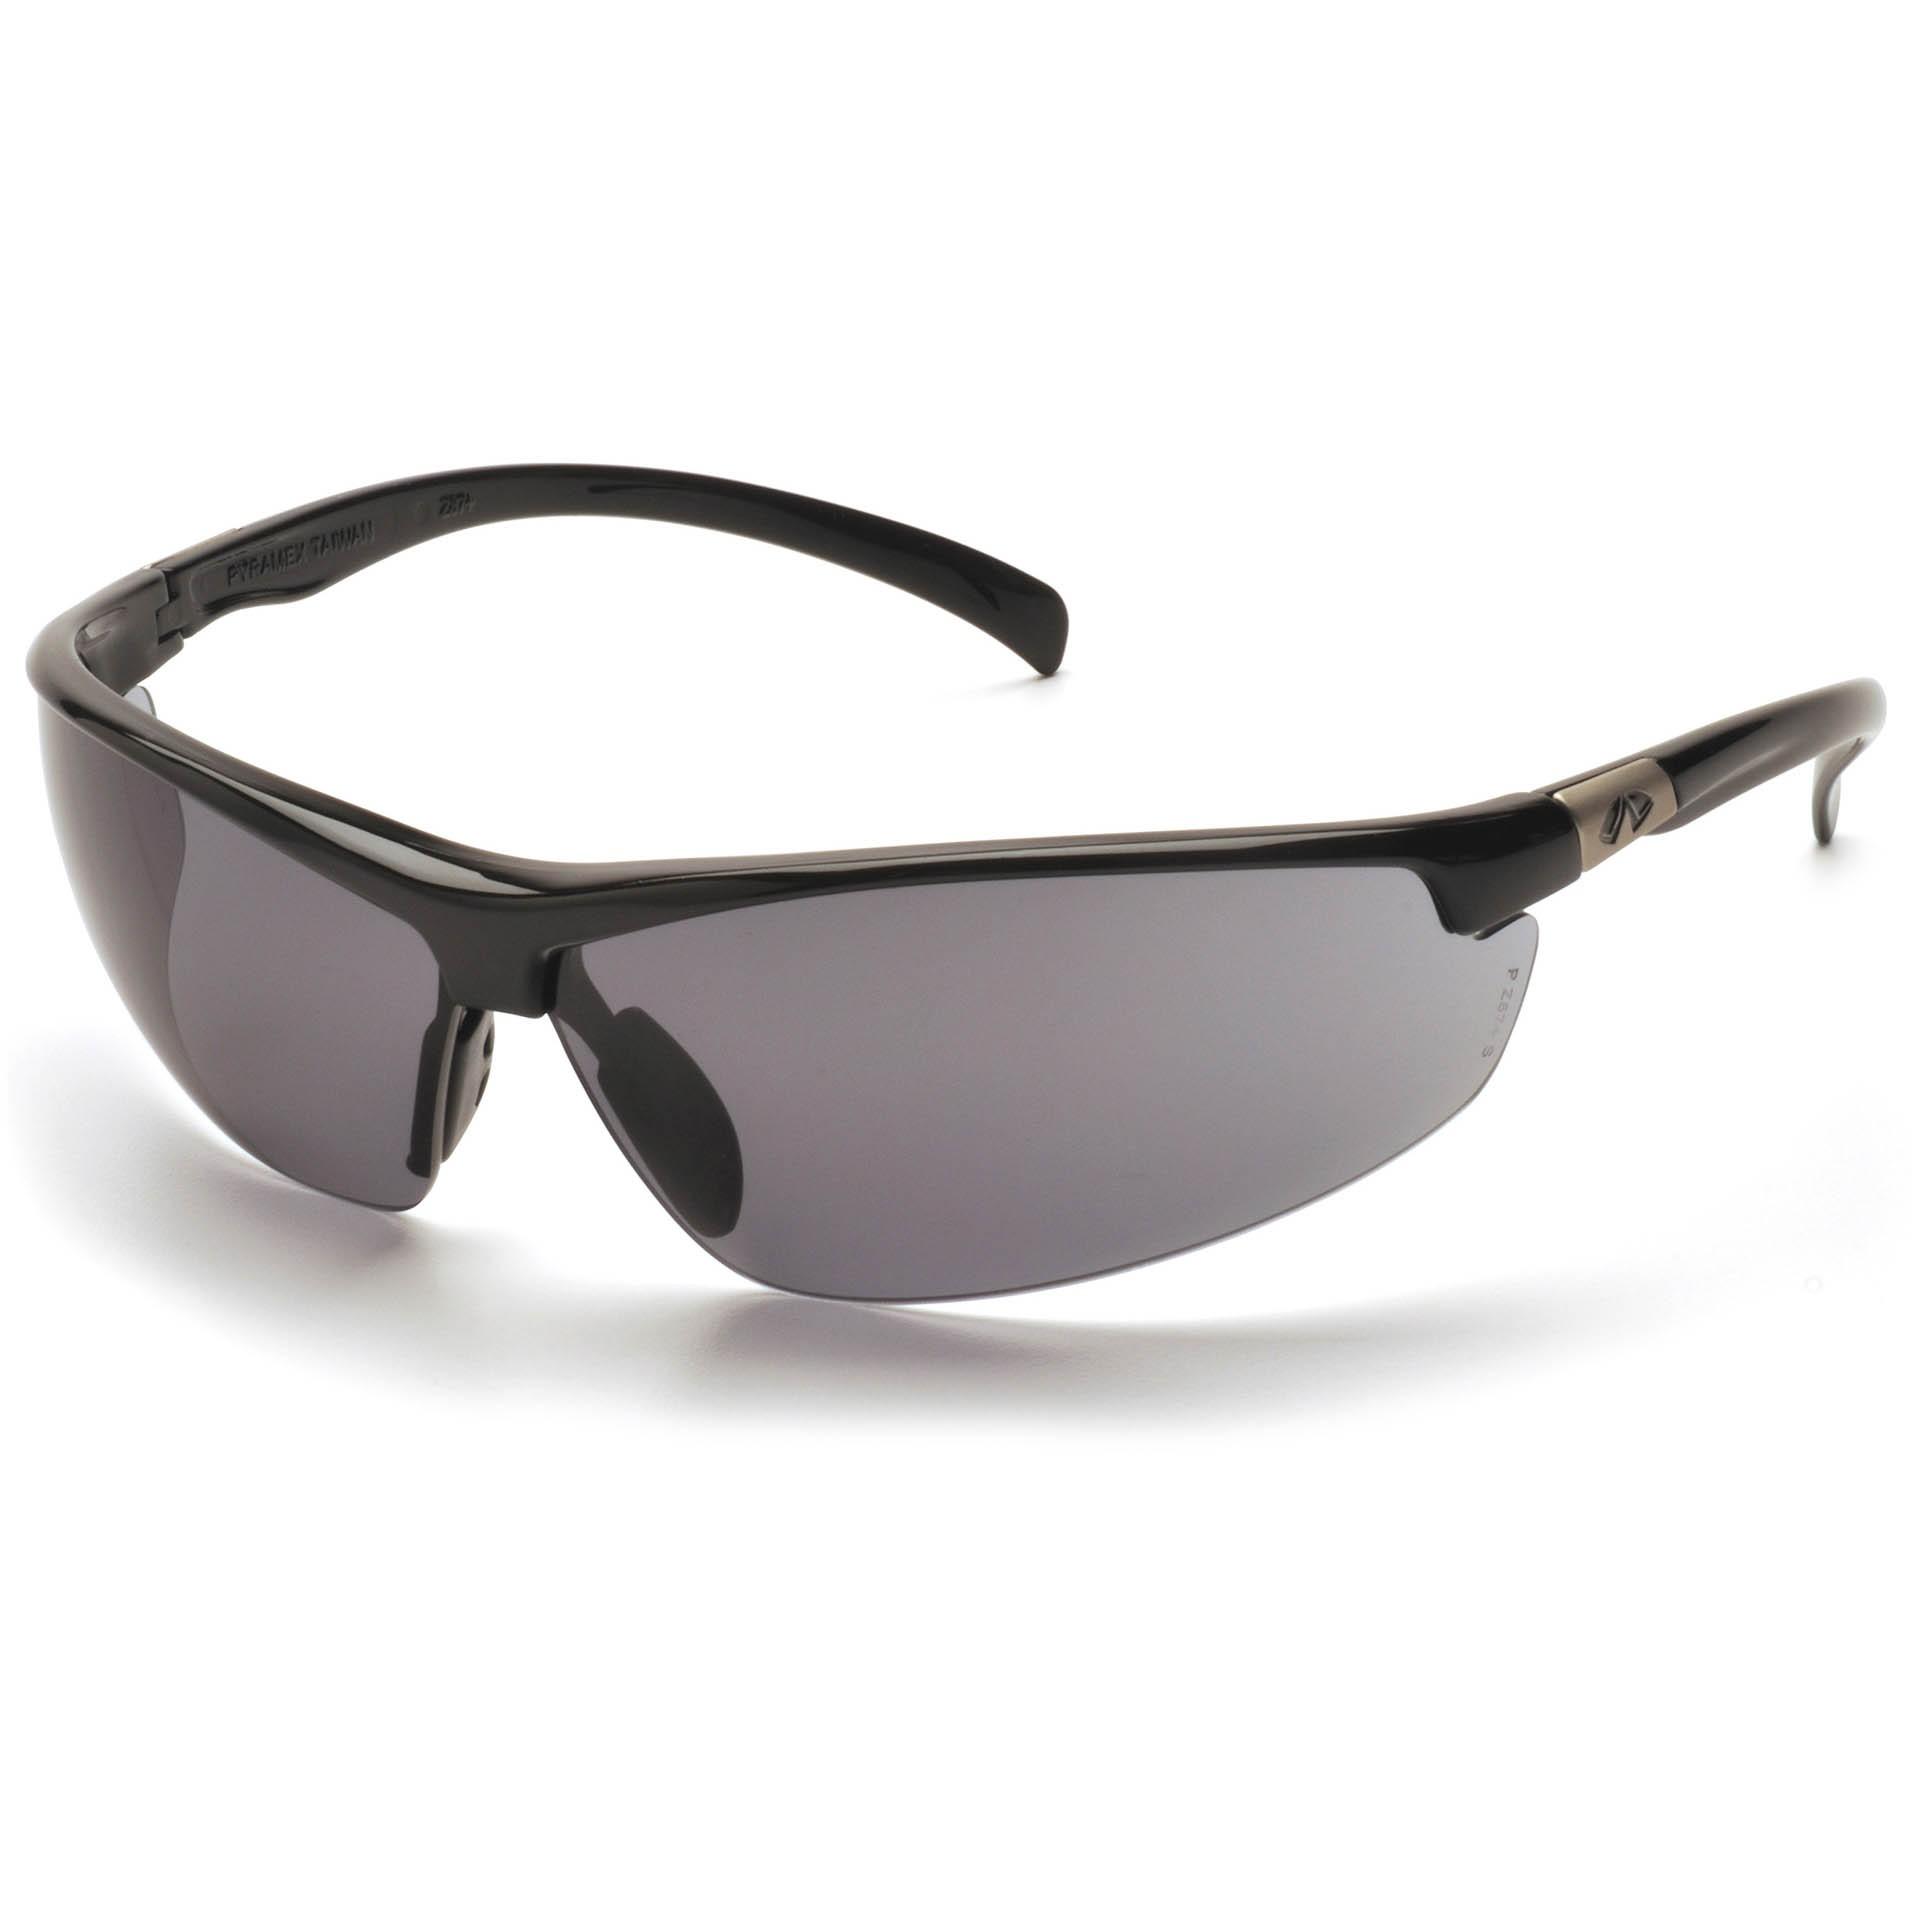 Safety Glasses Black Frame : Pyramex Forum Safety Glasses - Black Frame - Gray Lens ...